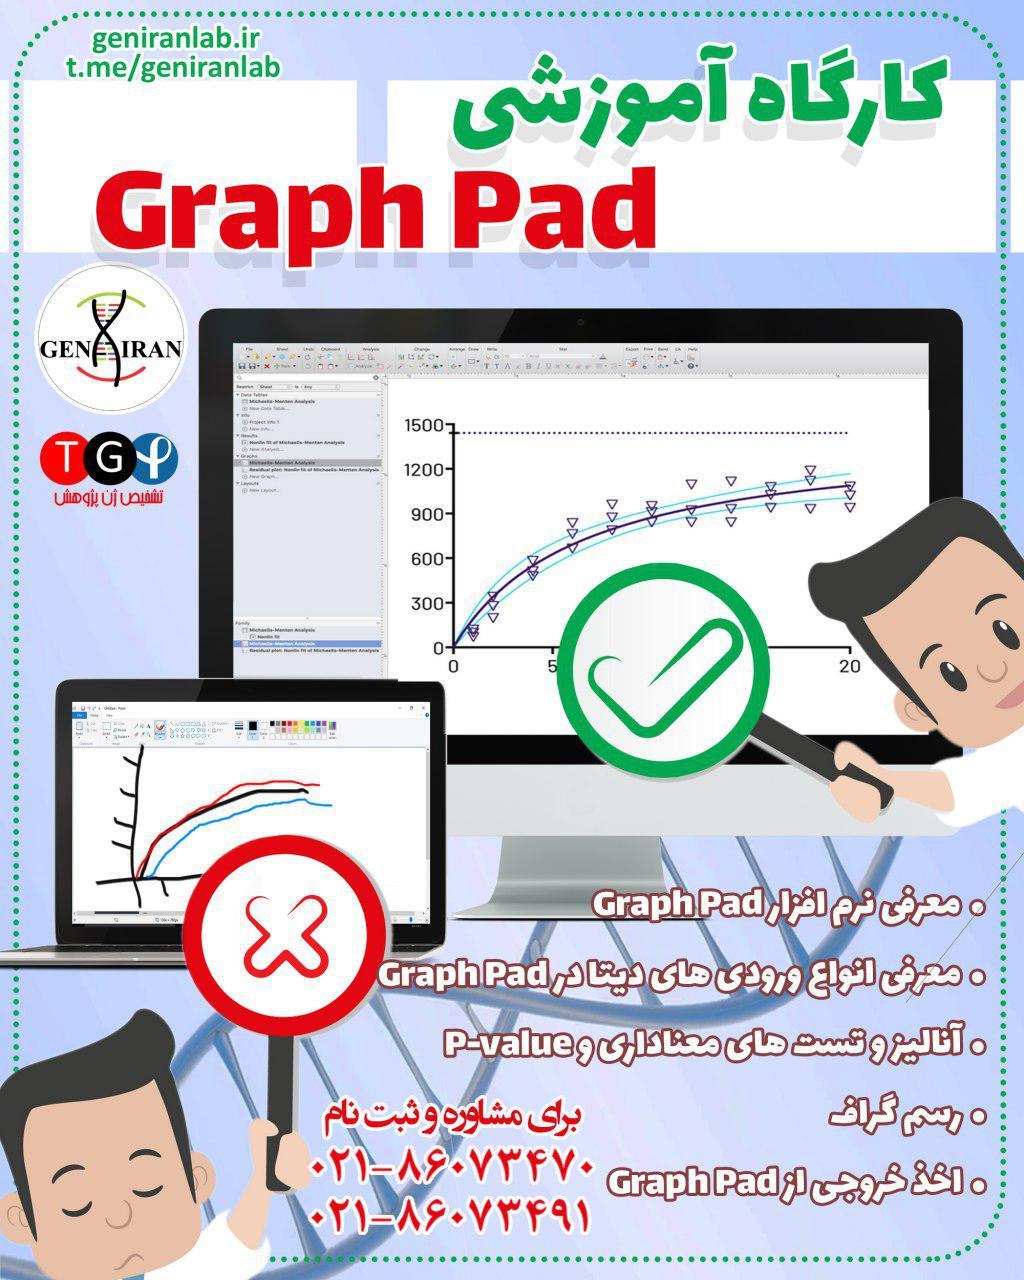 کارگاه Graph pad